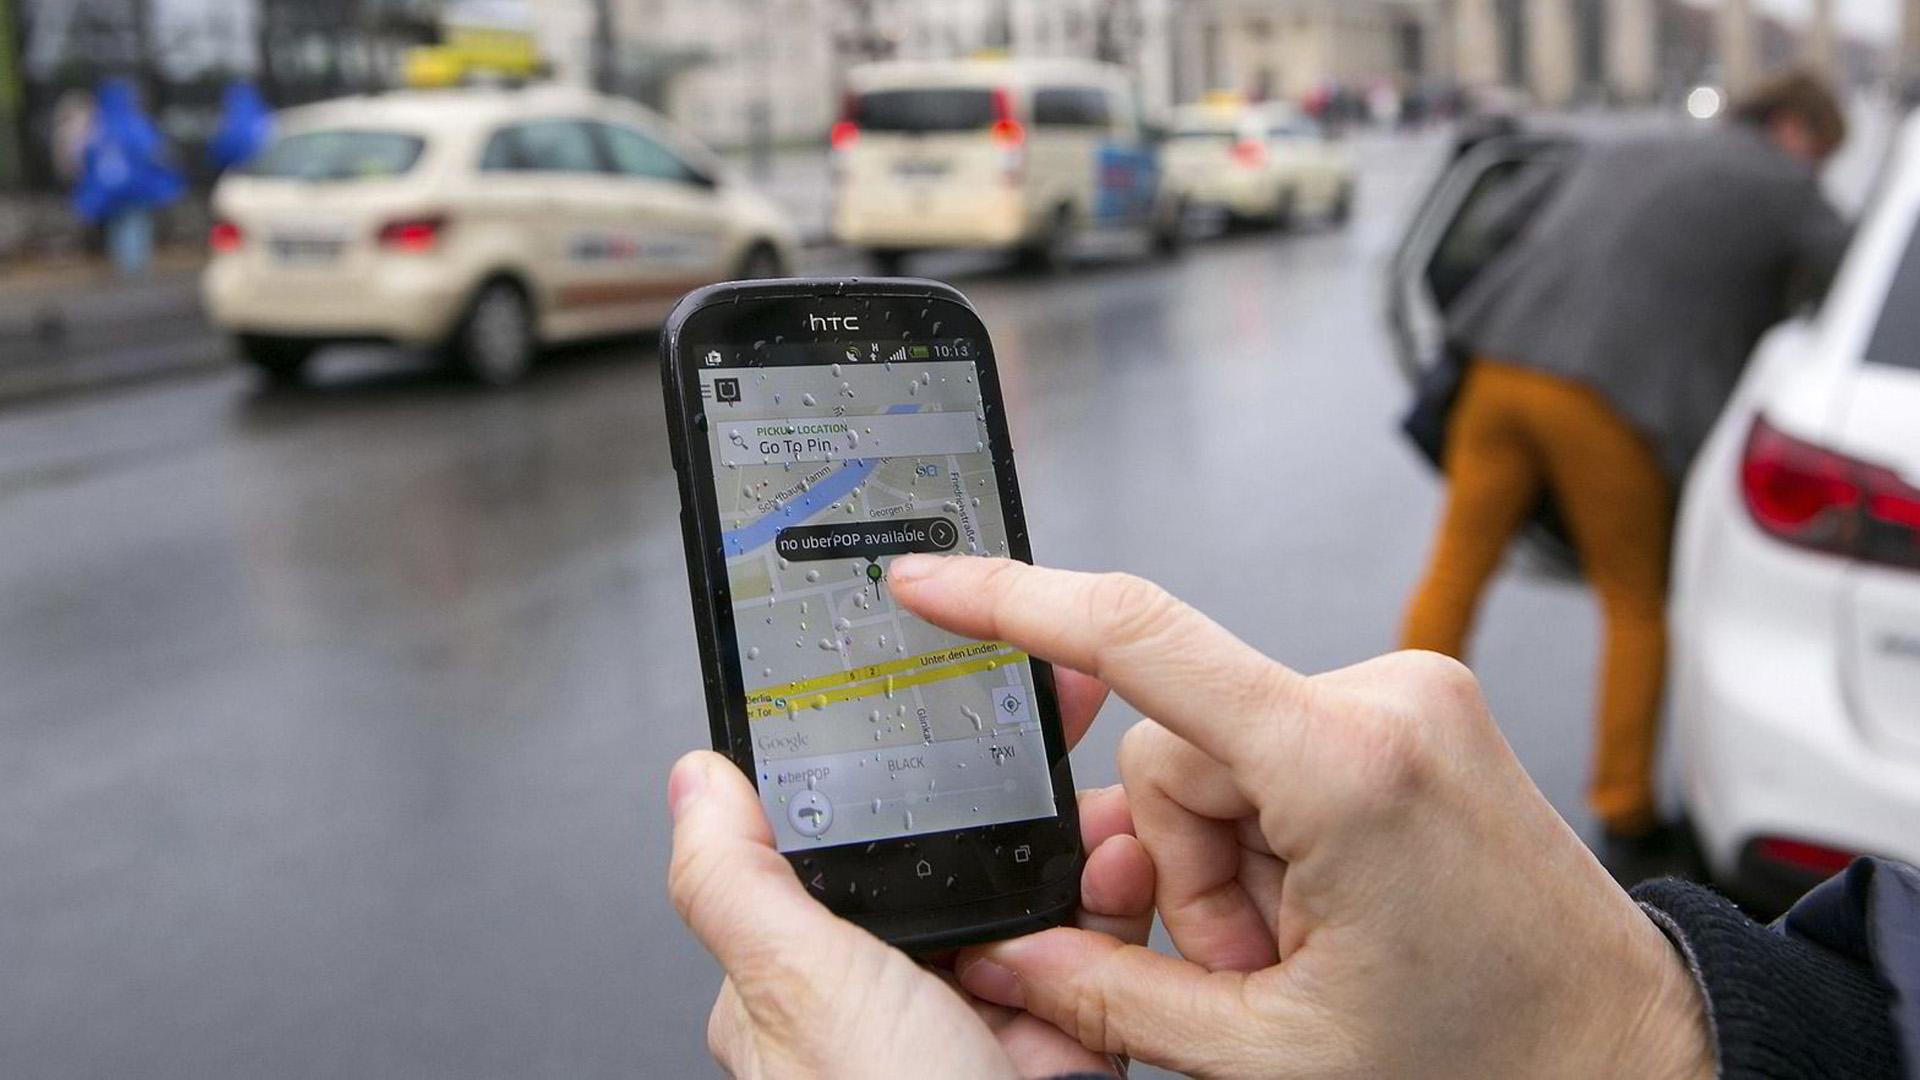 Цены на Uber и Lyft в Чикаго могут упасть из-за большого притока новых водителей